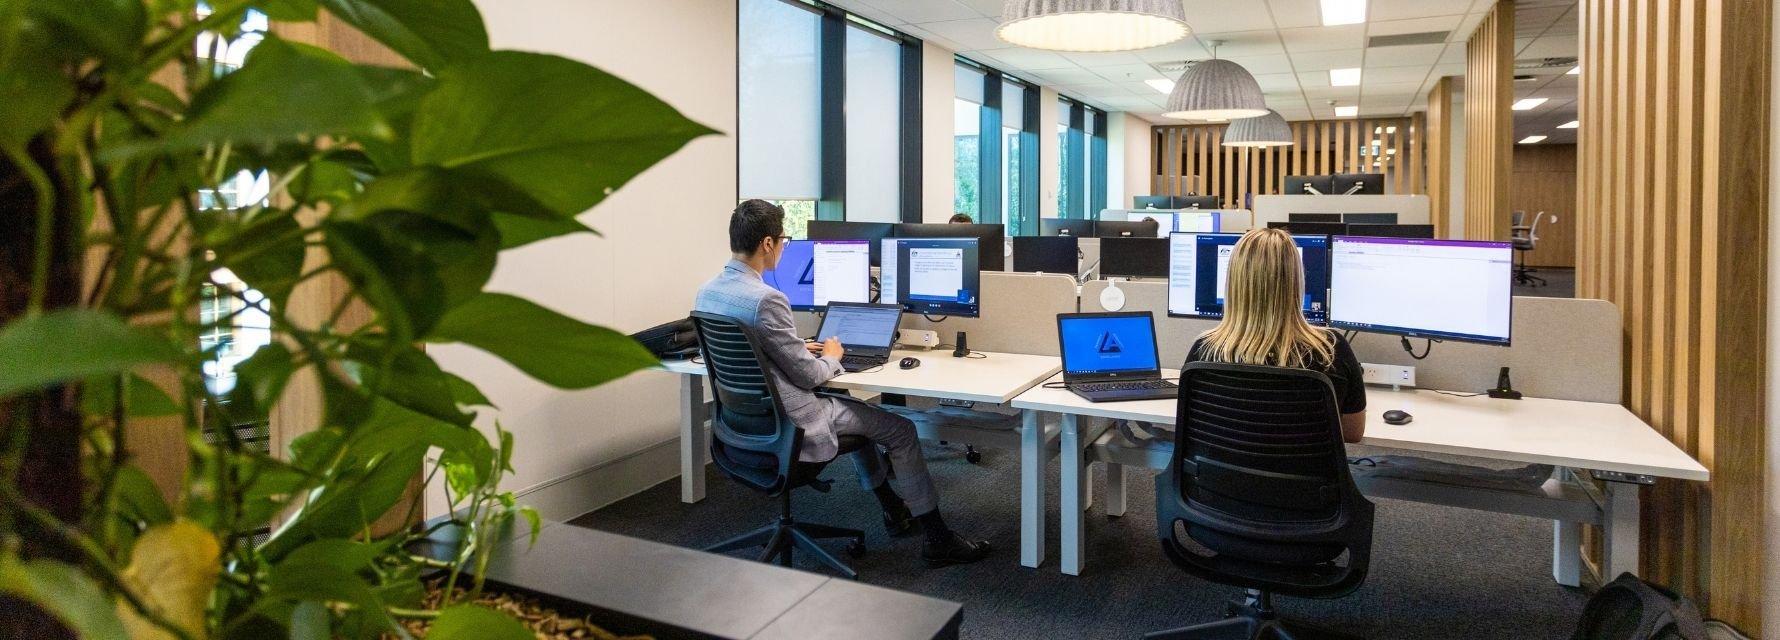 Semi-focused work spaces